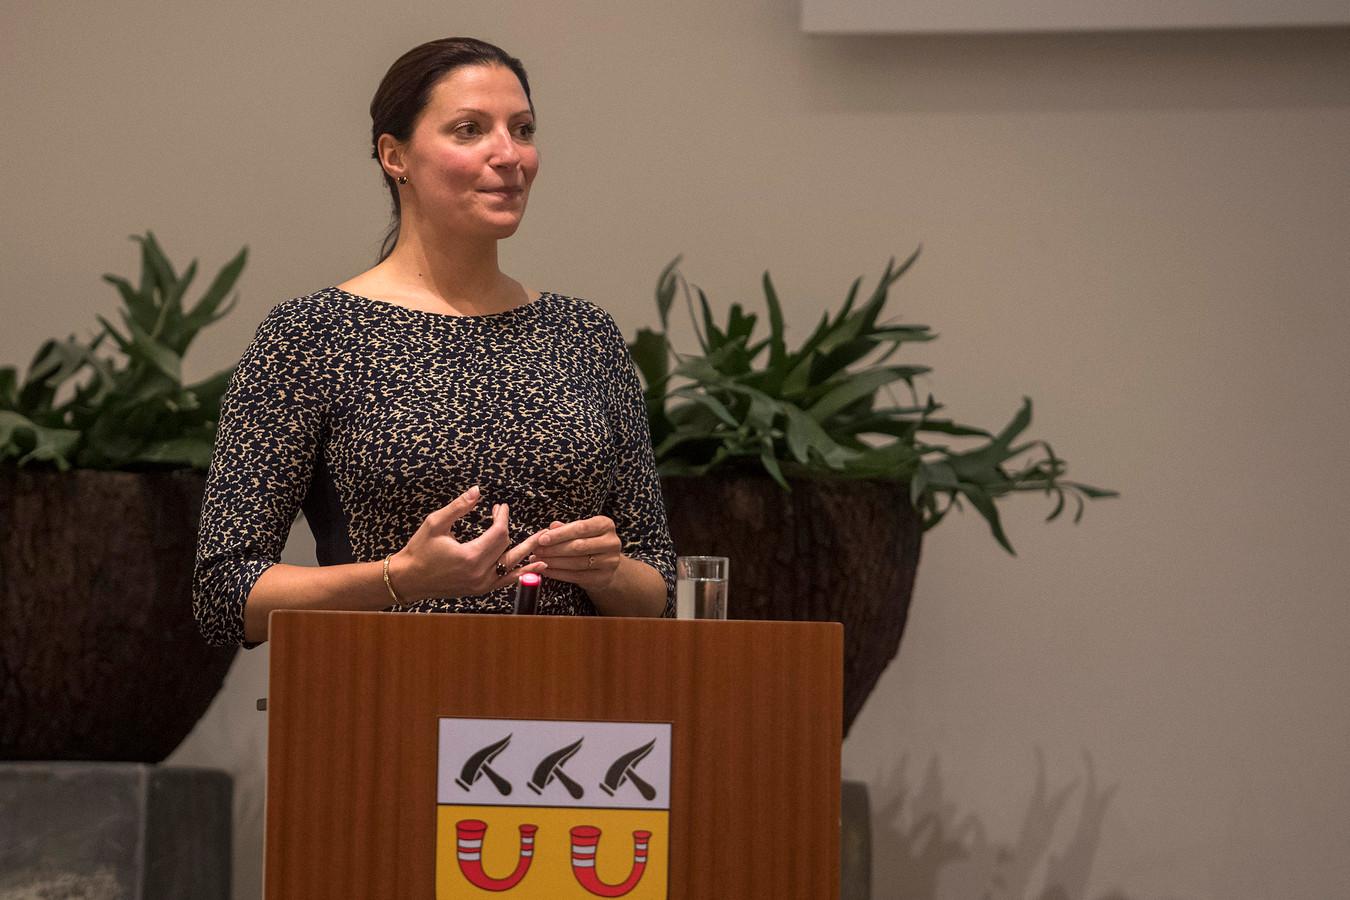 Hanne van Aart werd op 12 oktober gepresenteerd als de nieuwe burgemeester van Loon op Zand.